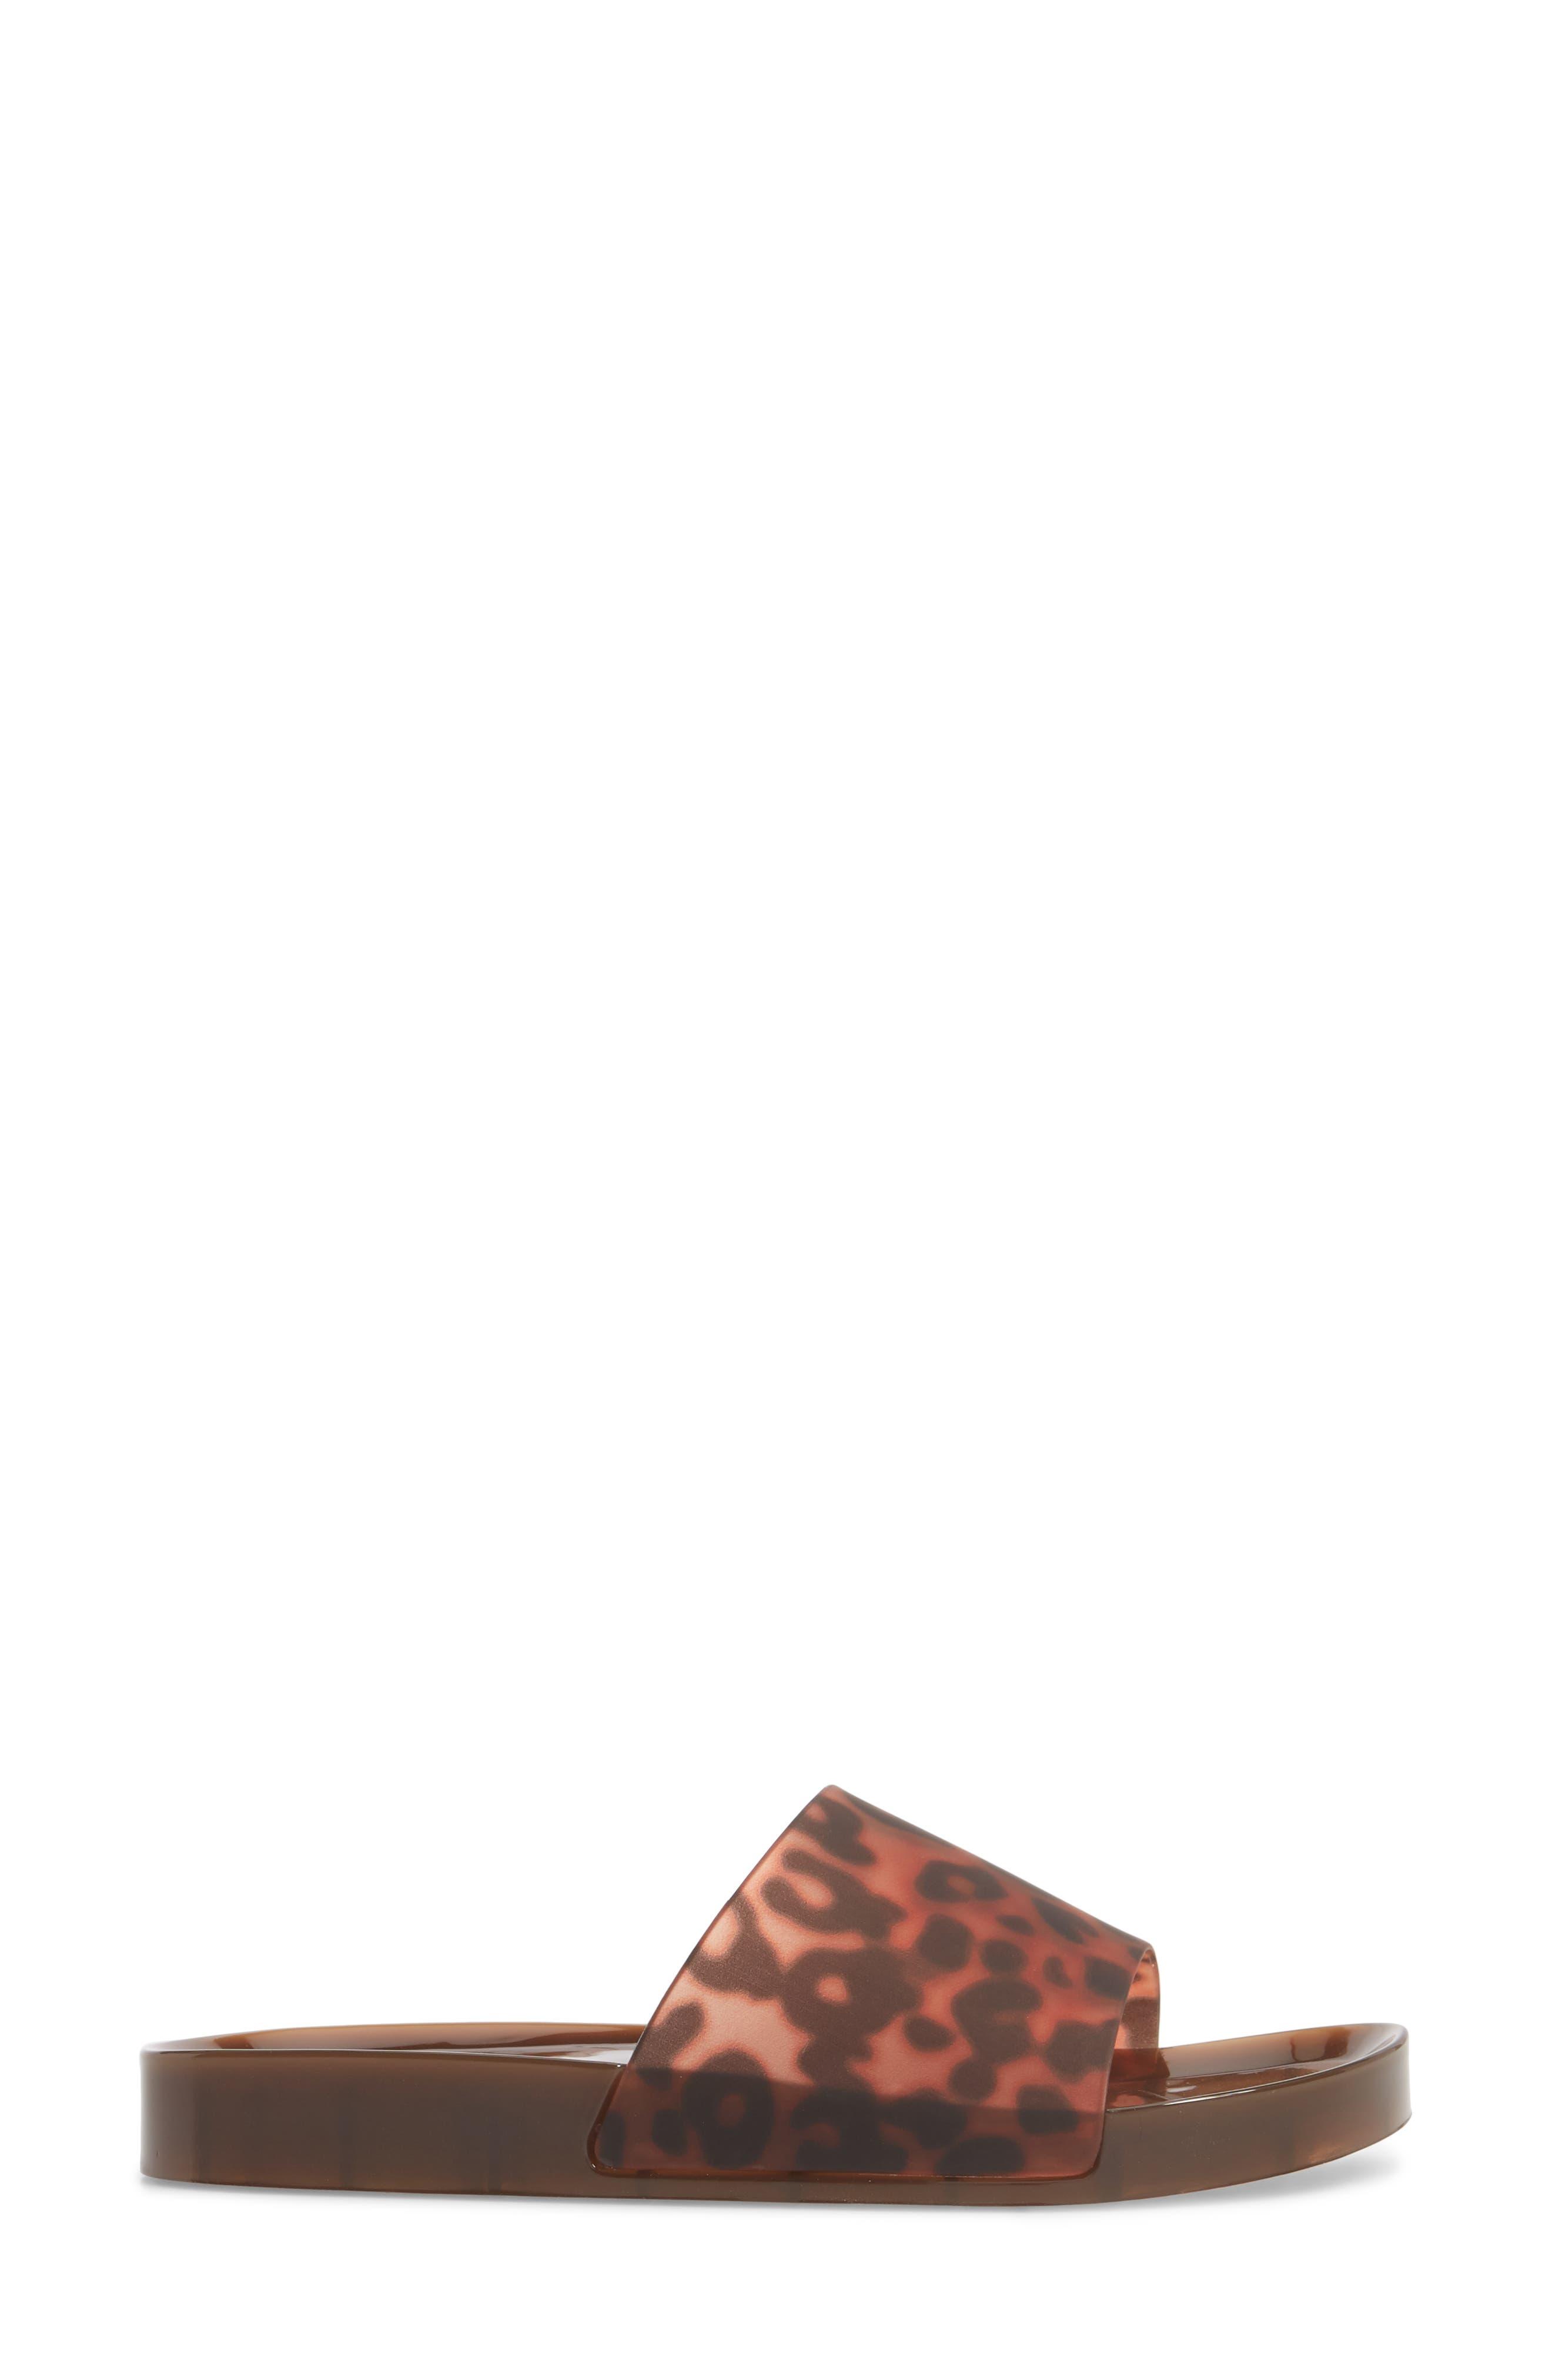 J. Crew Tortoise Slide Sandal,                             Alternate thumbnail 3, color,                             200